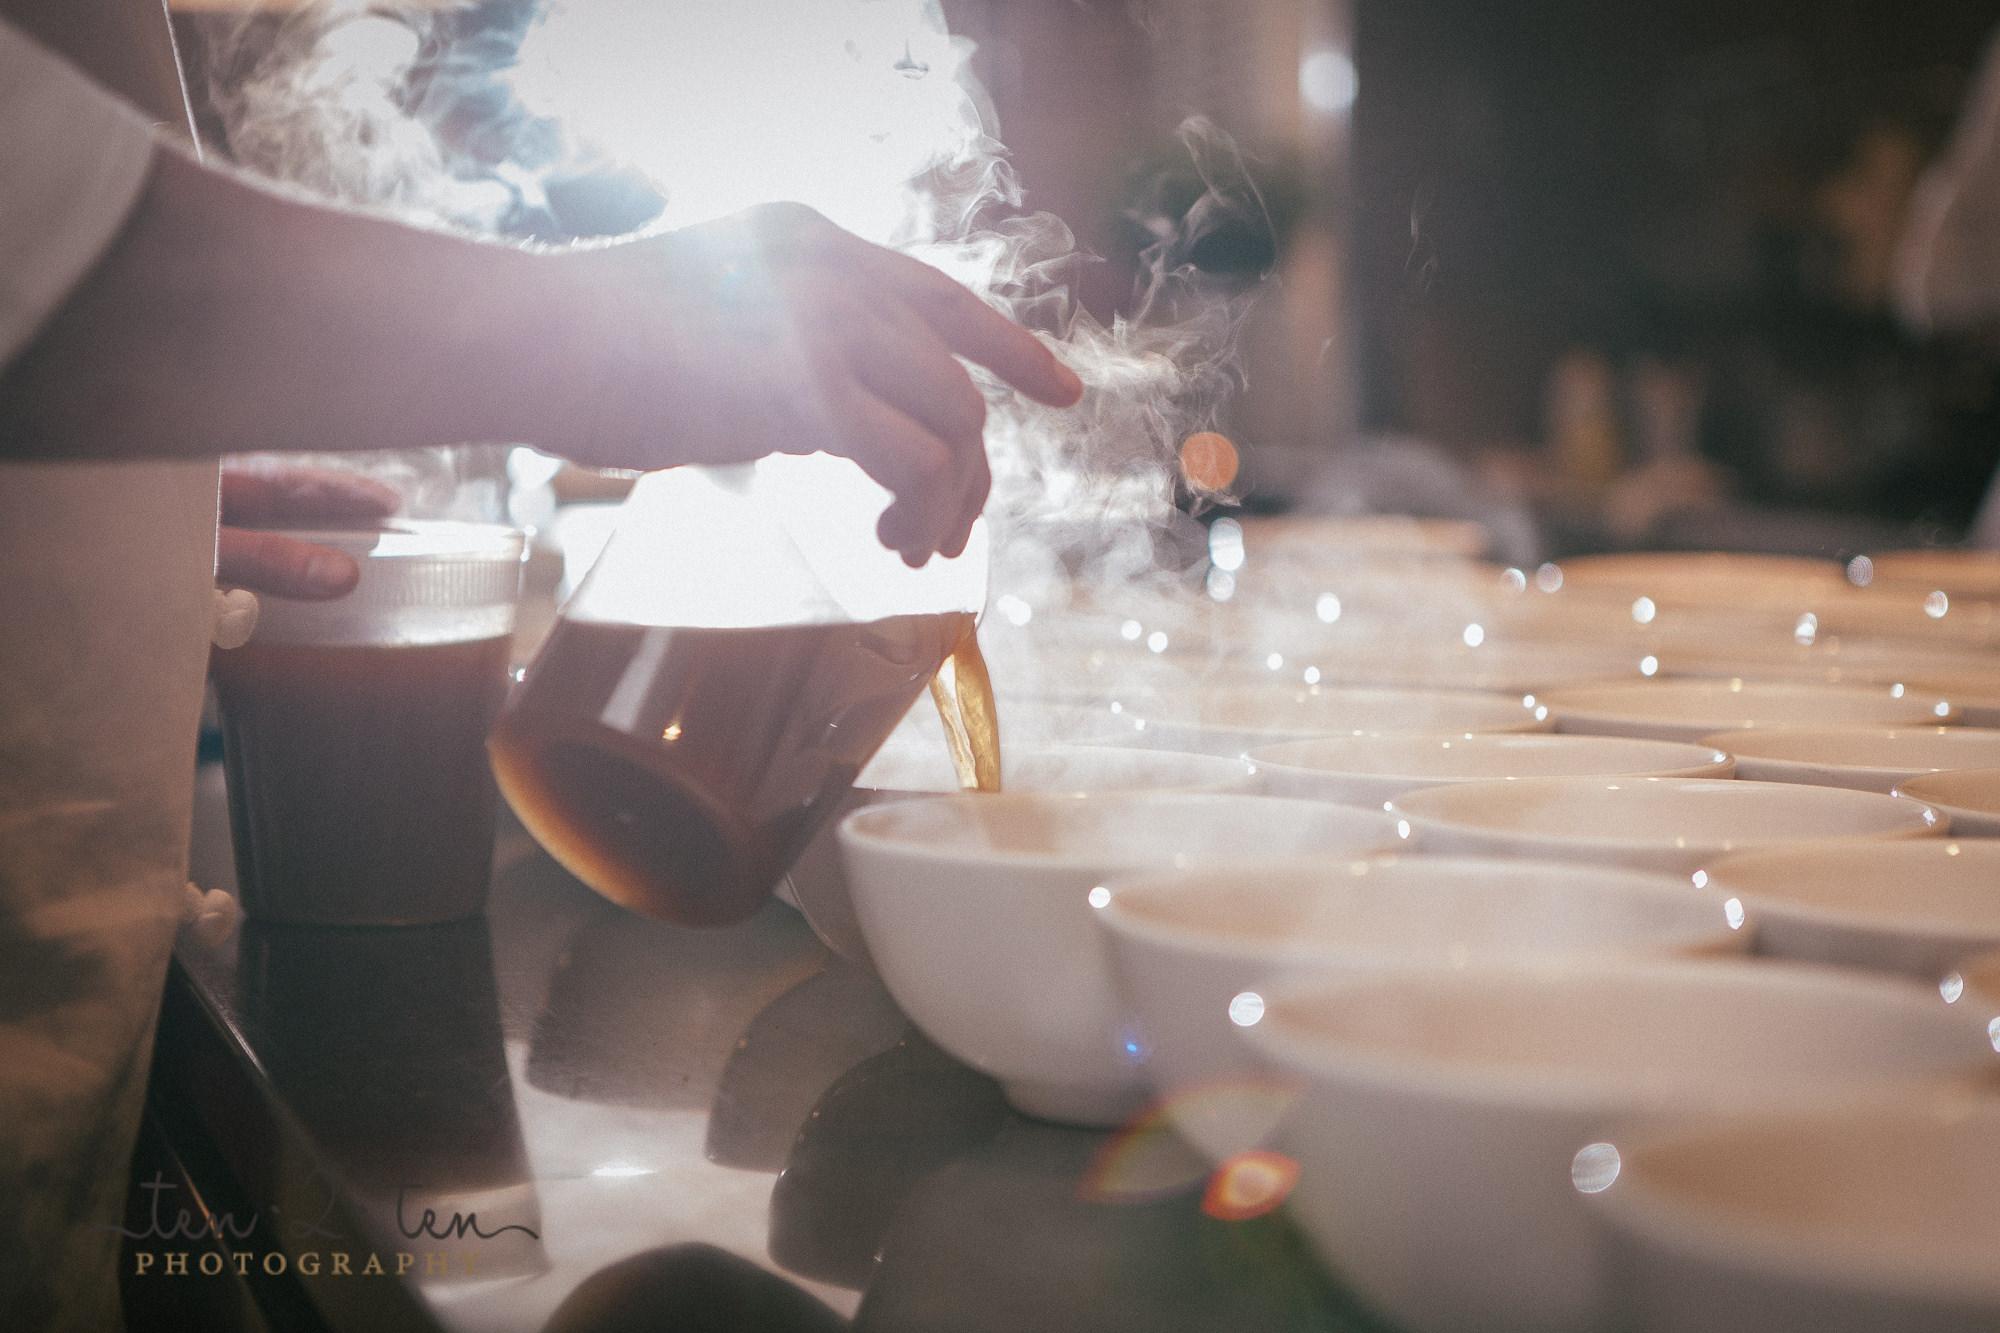 mildreds temple kitchen wedding photos 429 - Mildred's Temple Kitchen Wedding Photos